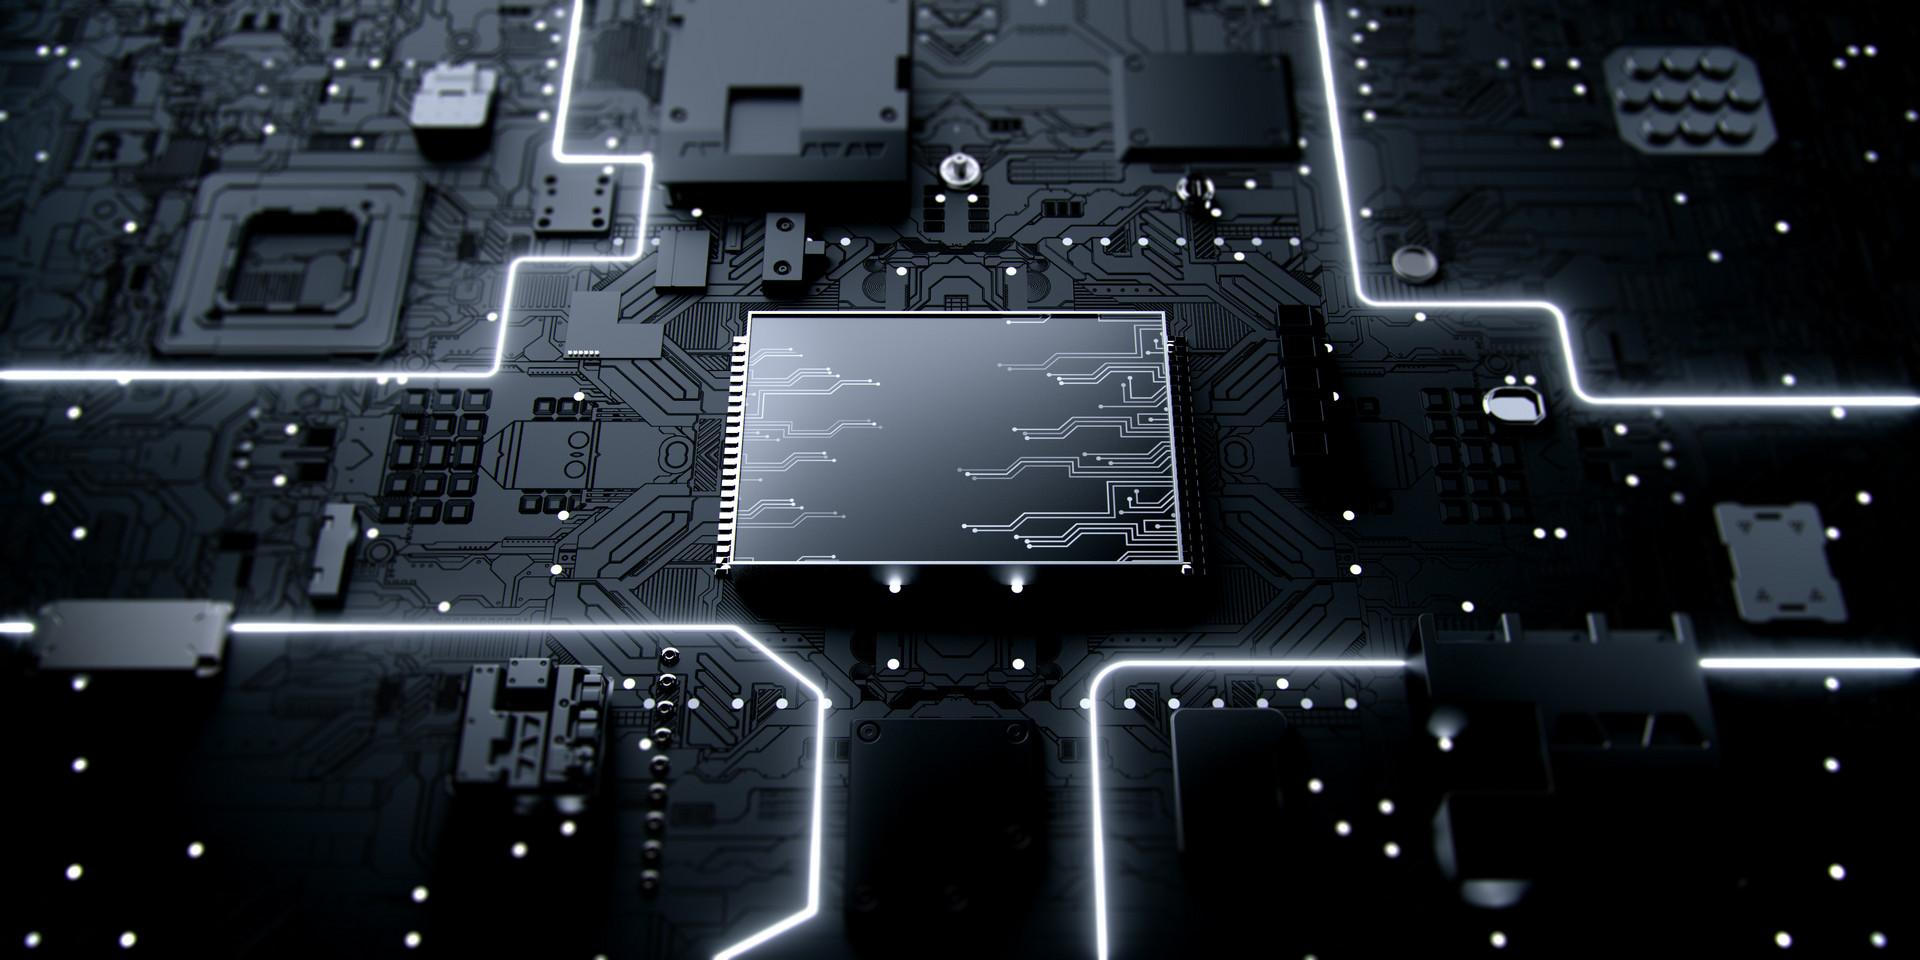 20亿奖金激励芯片团队 产业链:华为海思要全球首发台积电5nm工艺